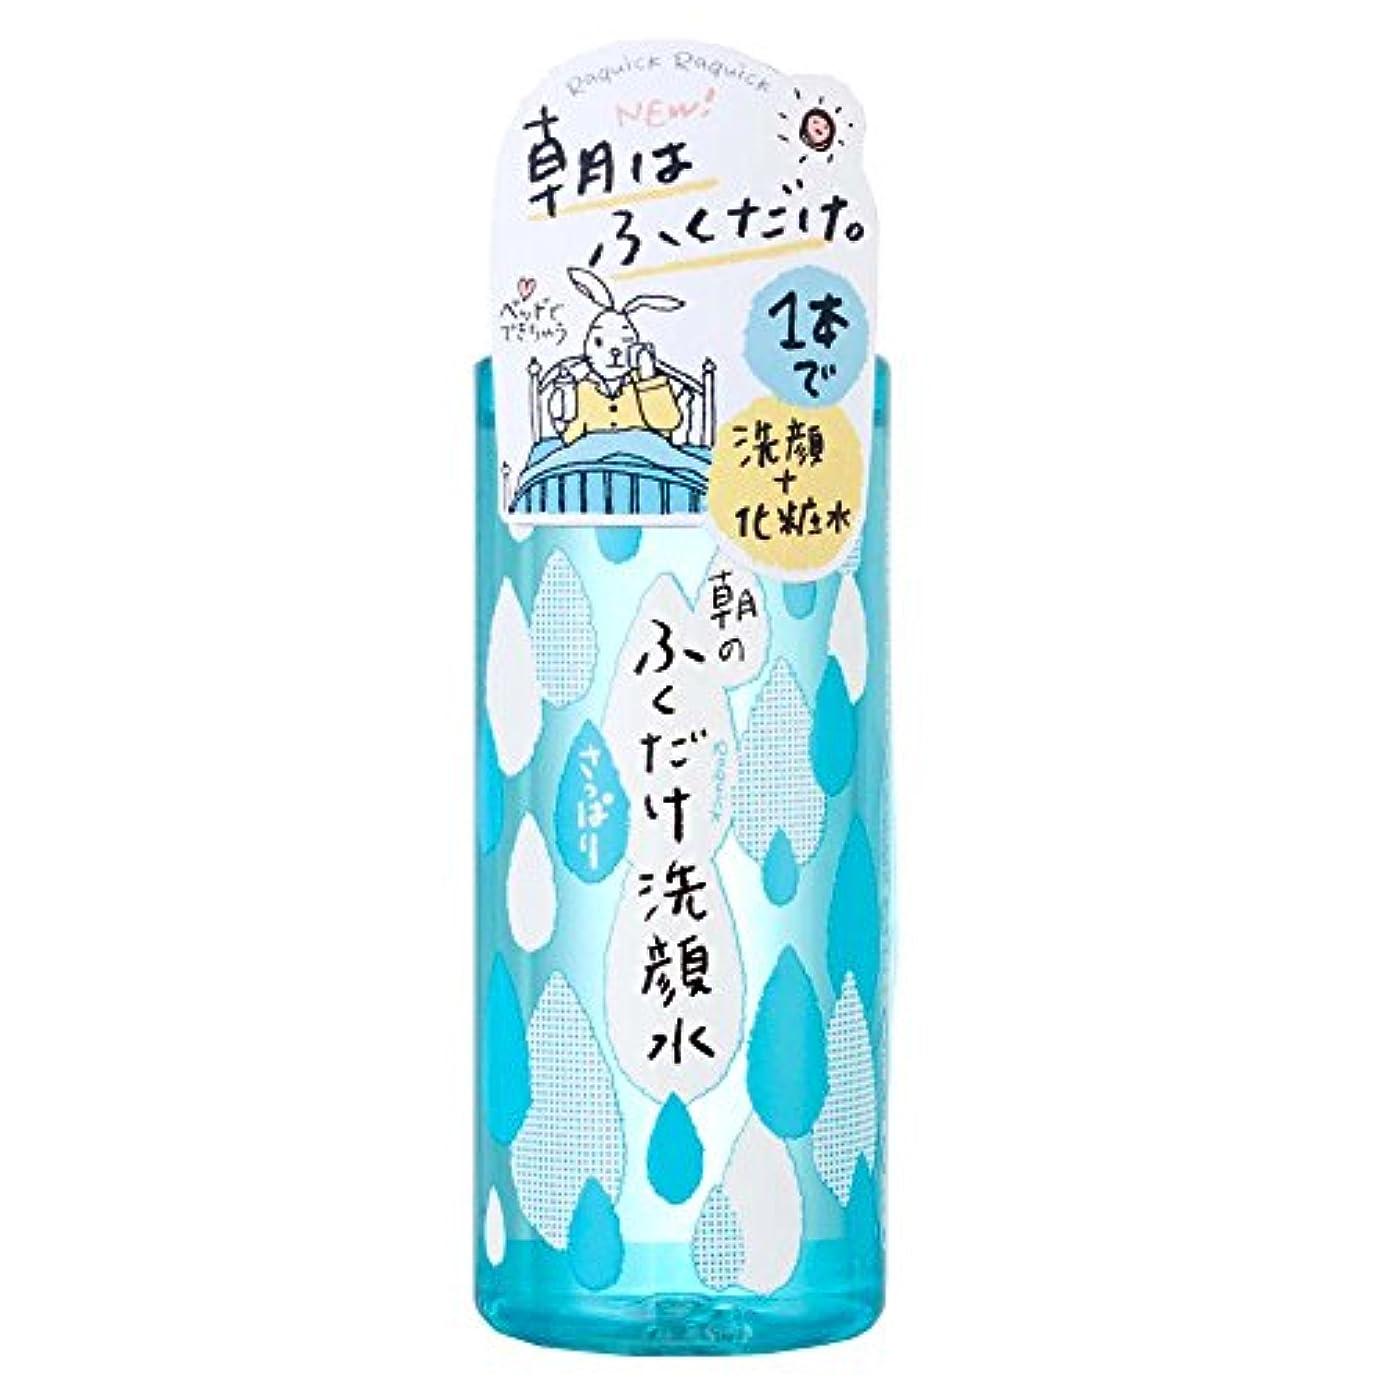 ルーキー医薬品ラッシュラクイック 朝のふくだけ洗顔水 さっぱり 310mL